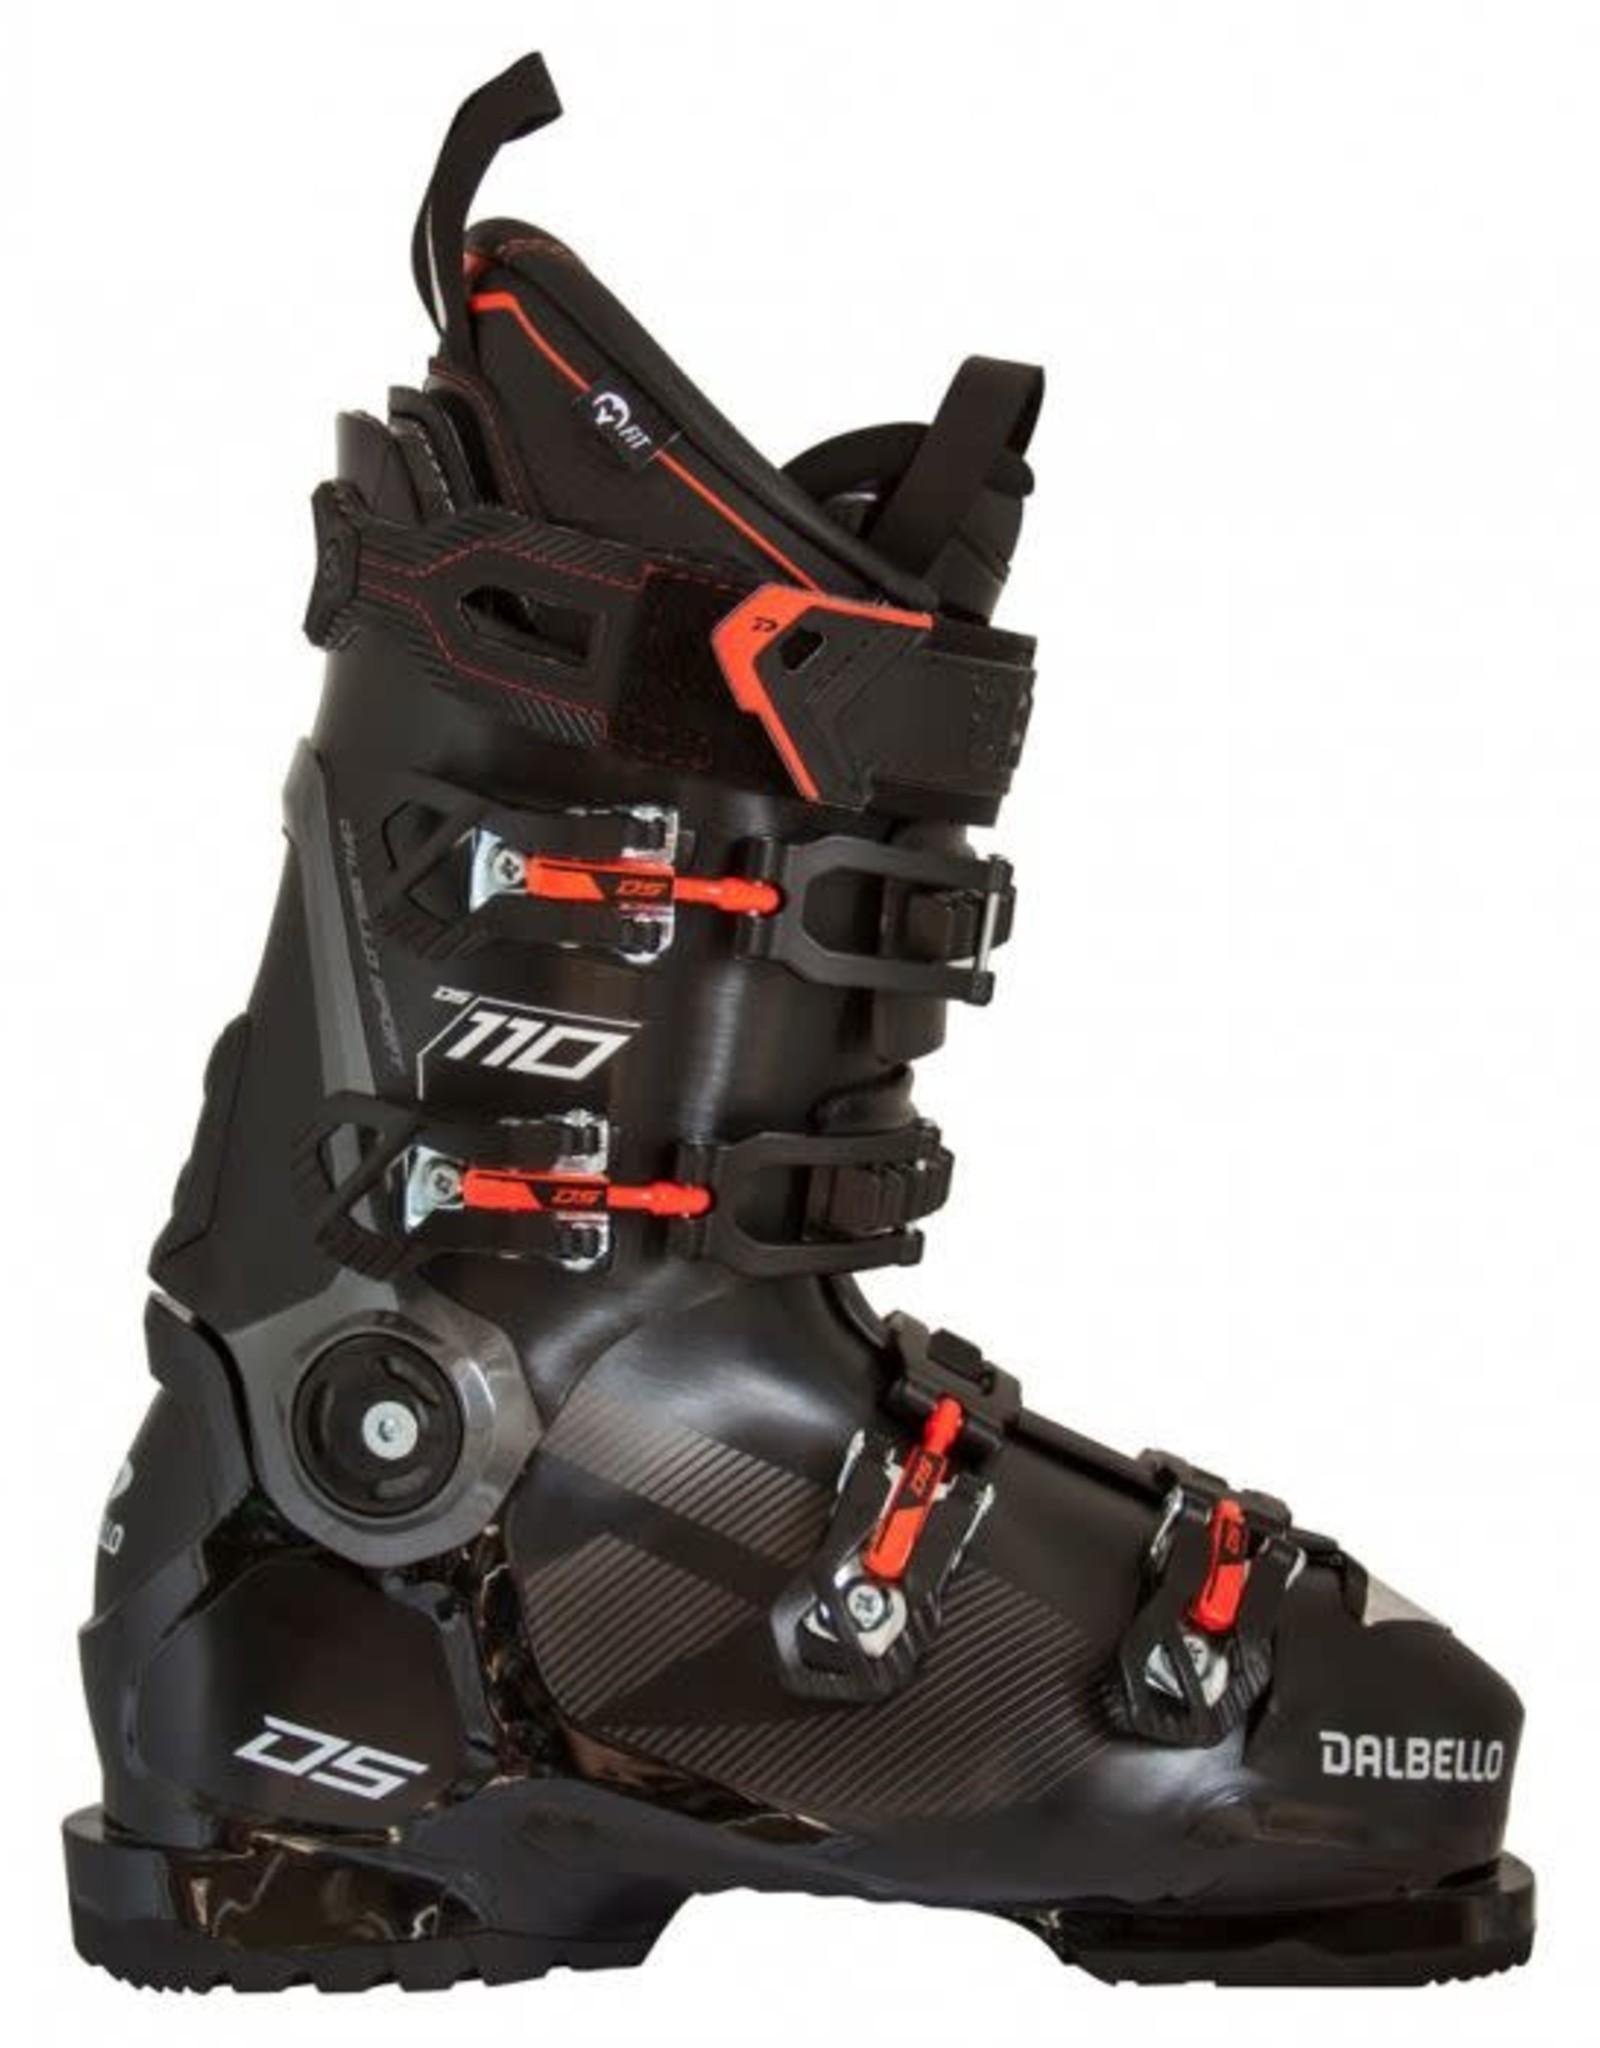 DALBELLO DALBELLO Ski Boots DS 110 MS (20/21)